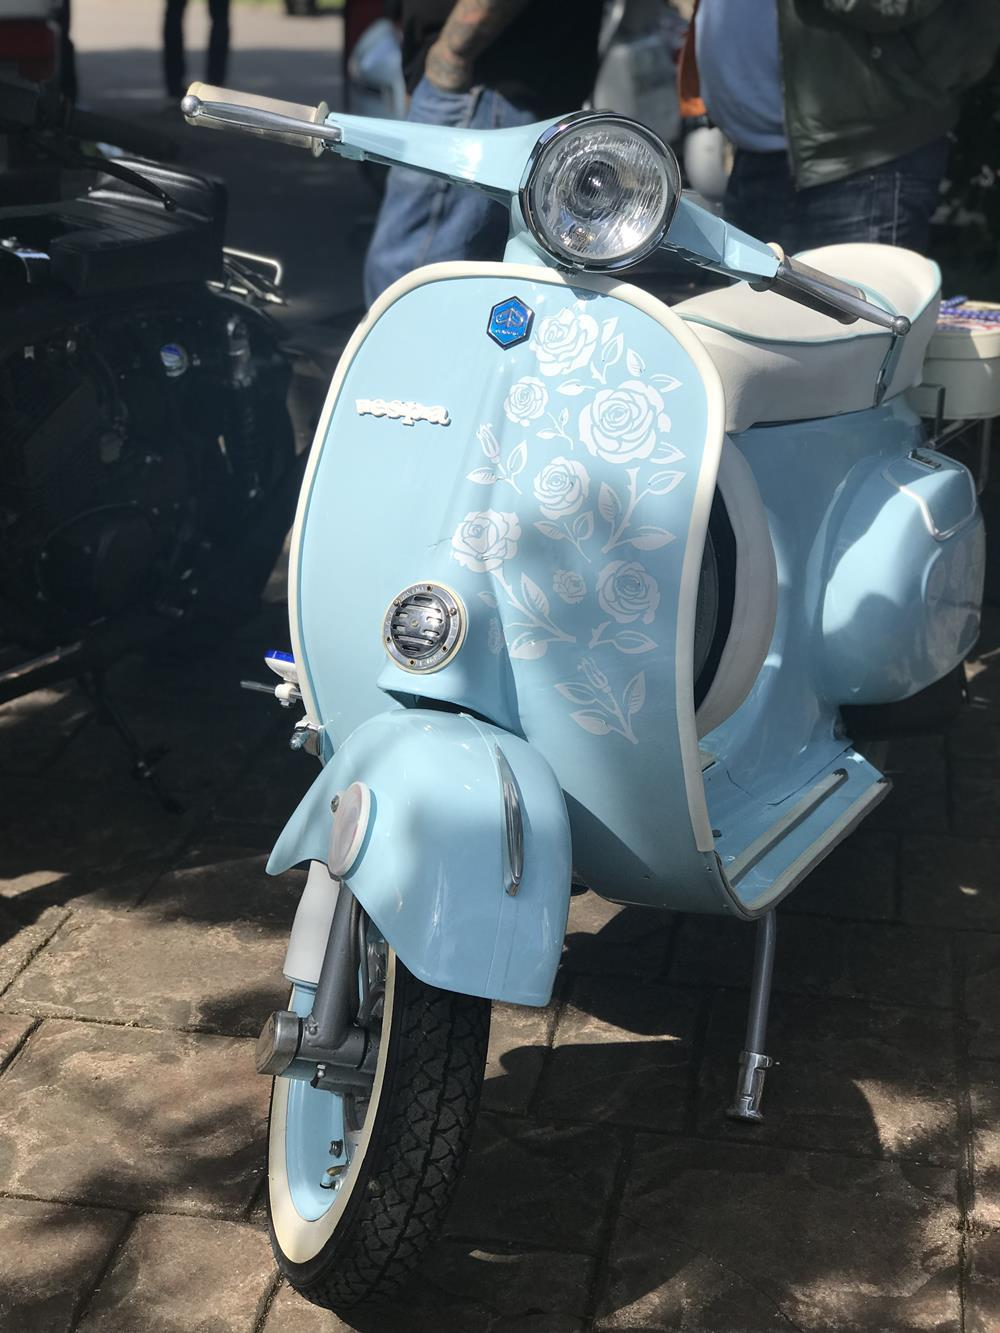 Sky blue Vespa smallframe scooter